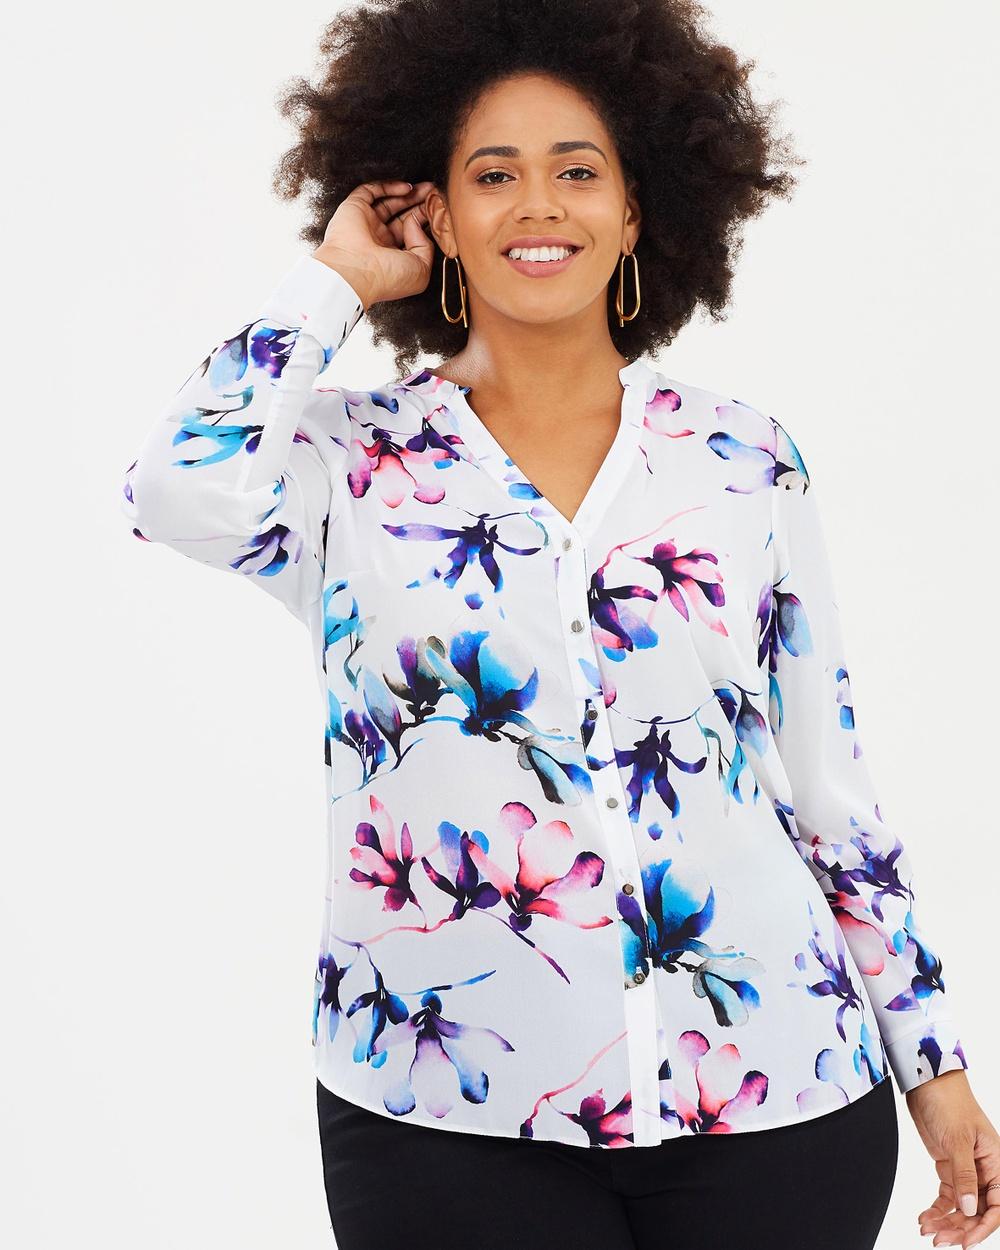 EVANS Floral Print V Neck Shirt Tops Print Floral Print V-Neck Shirt